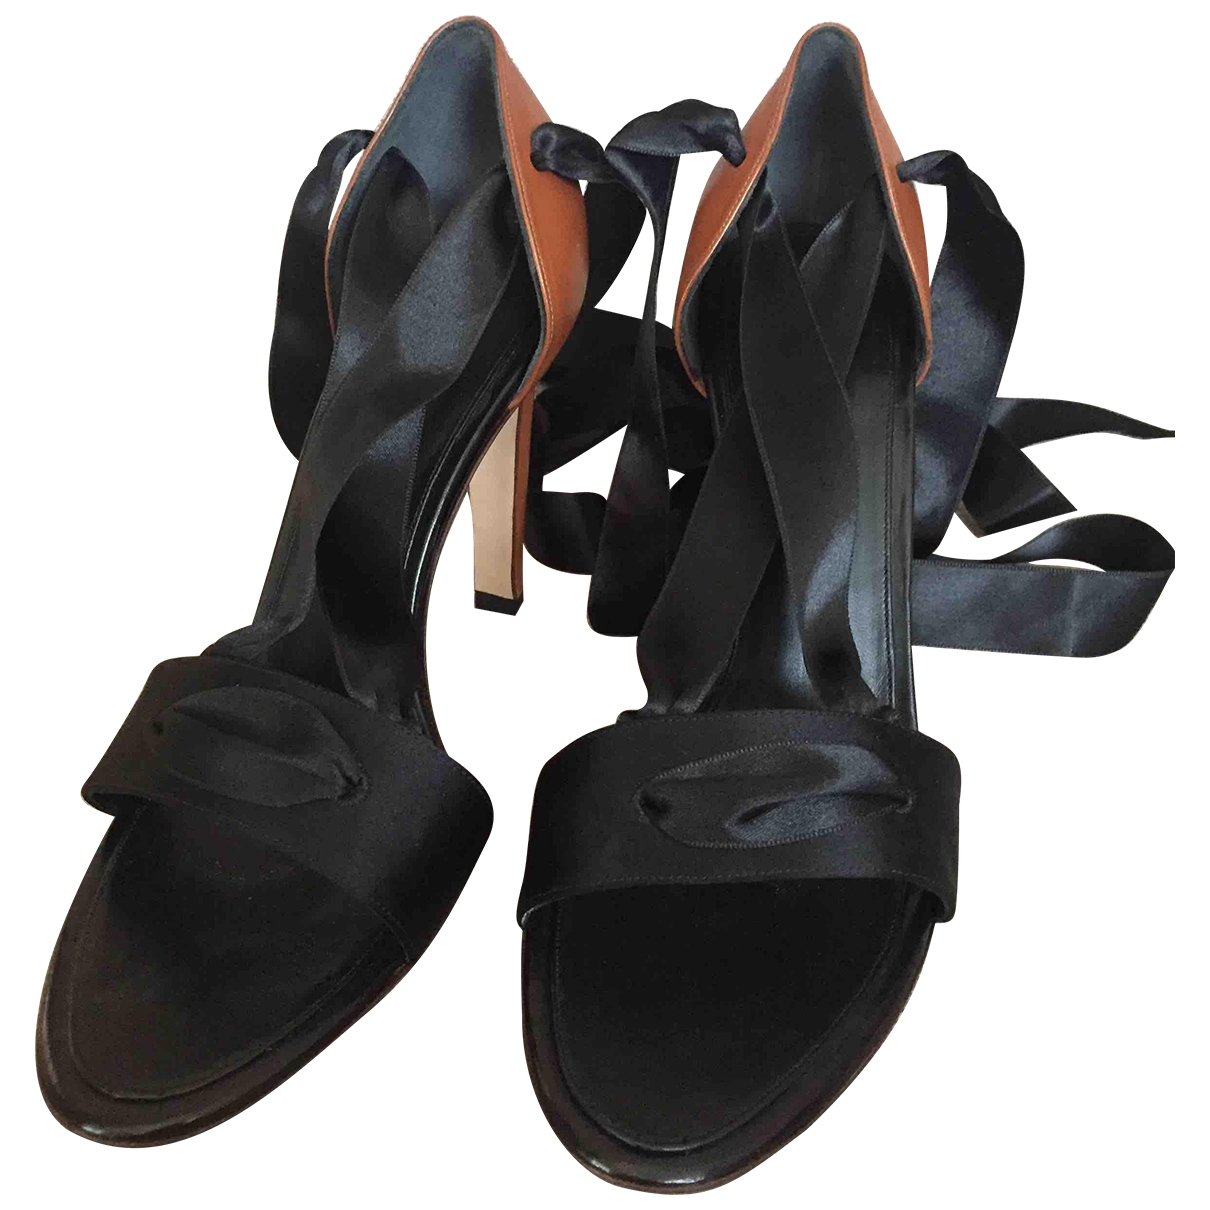 Sandalias romanas de Cuero Yves Saint Laurent